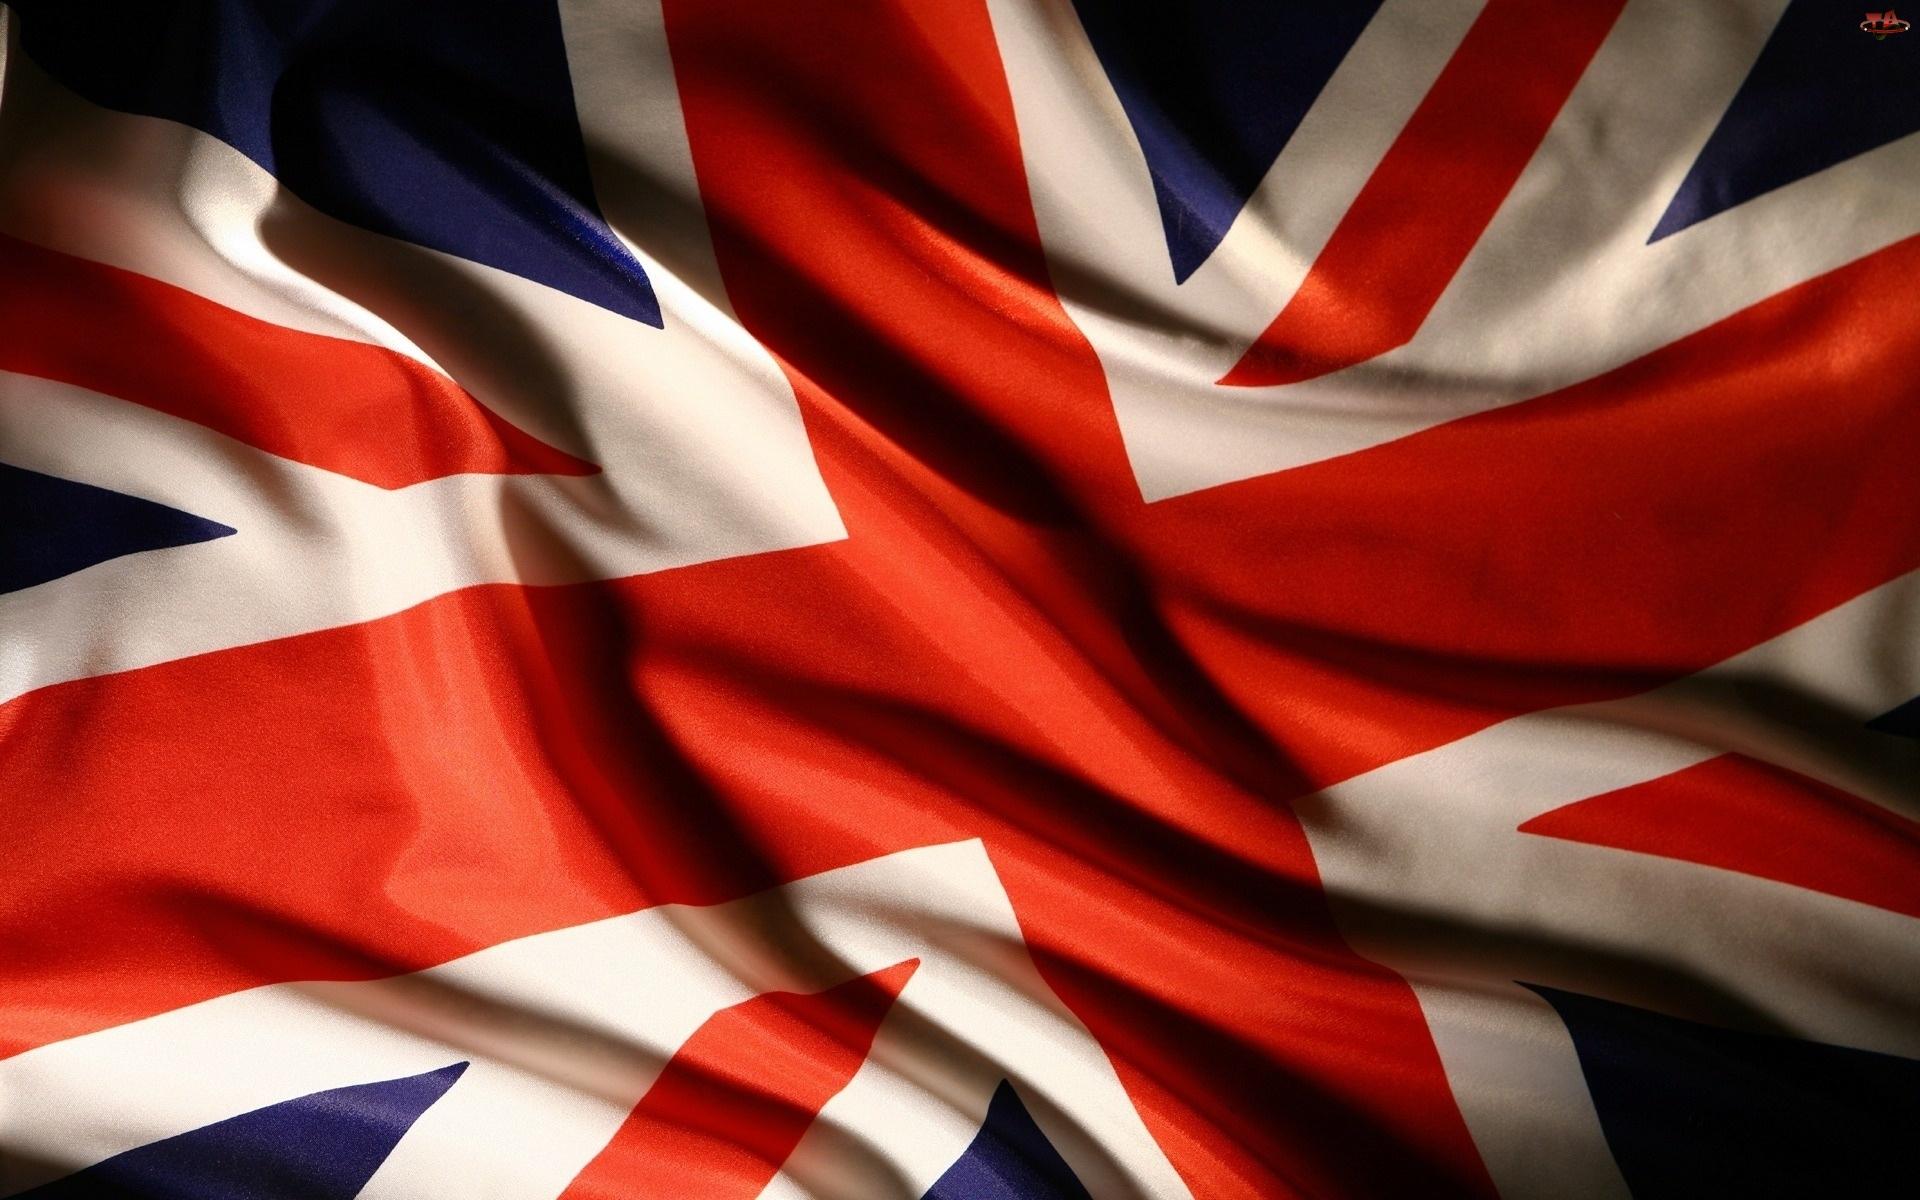 Flaga, Wielka Brytania